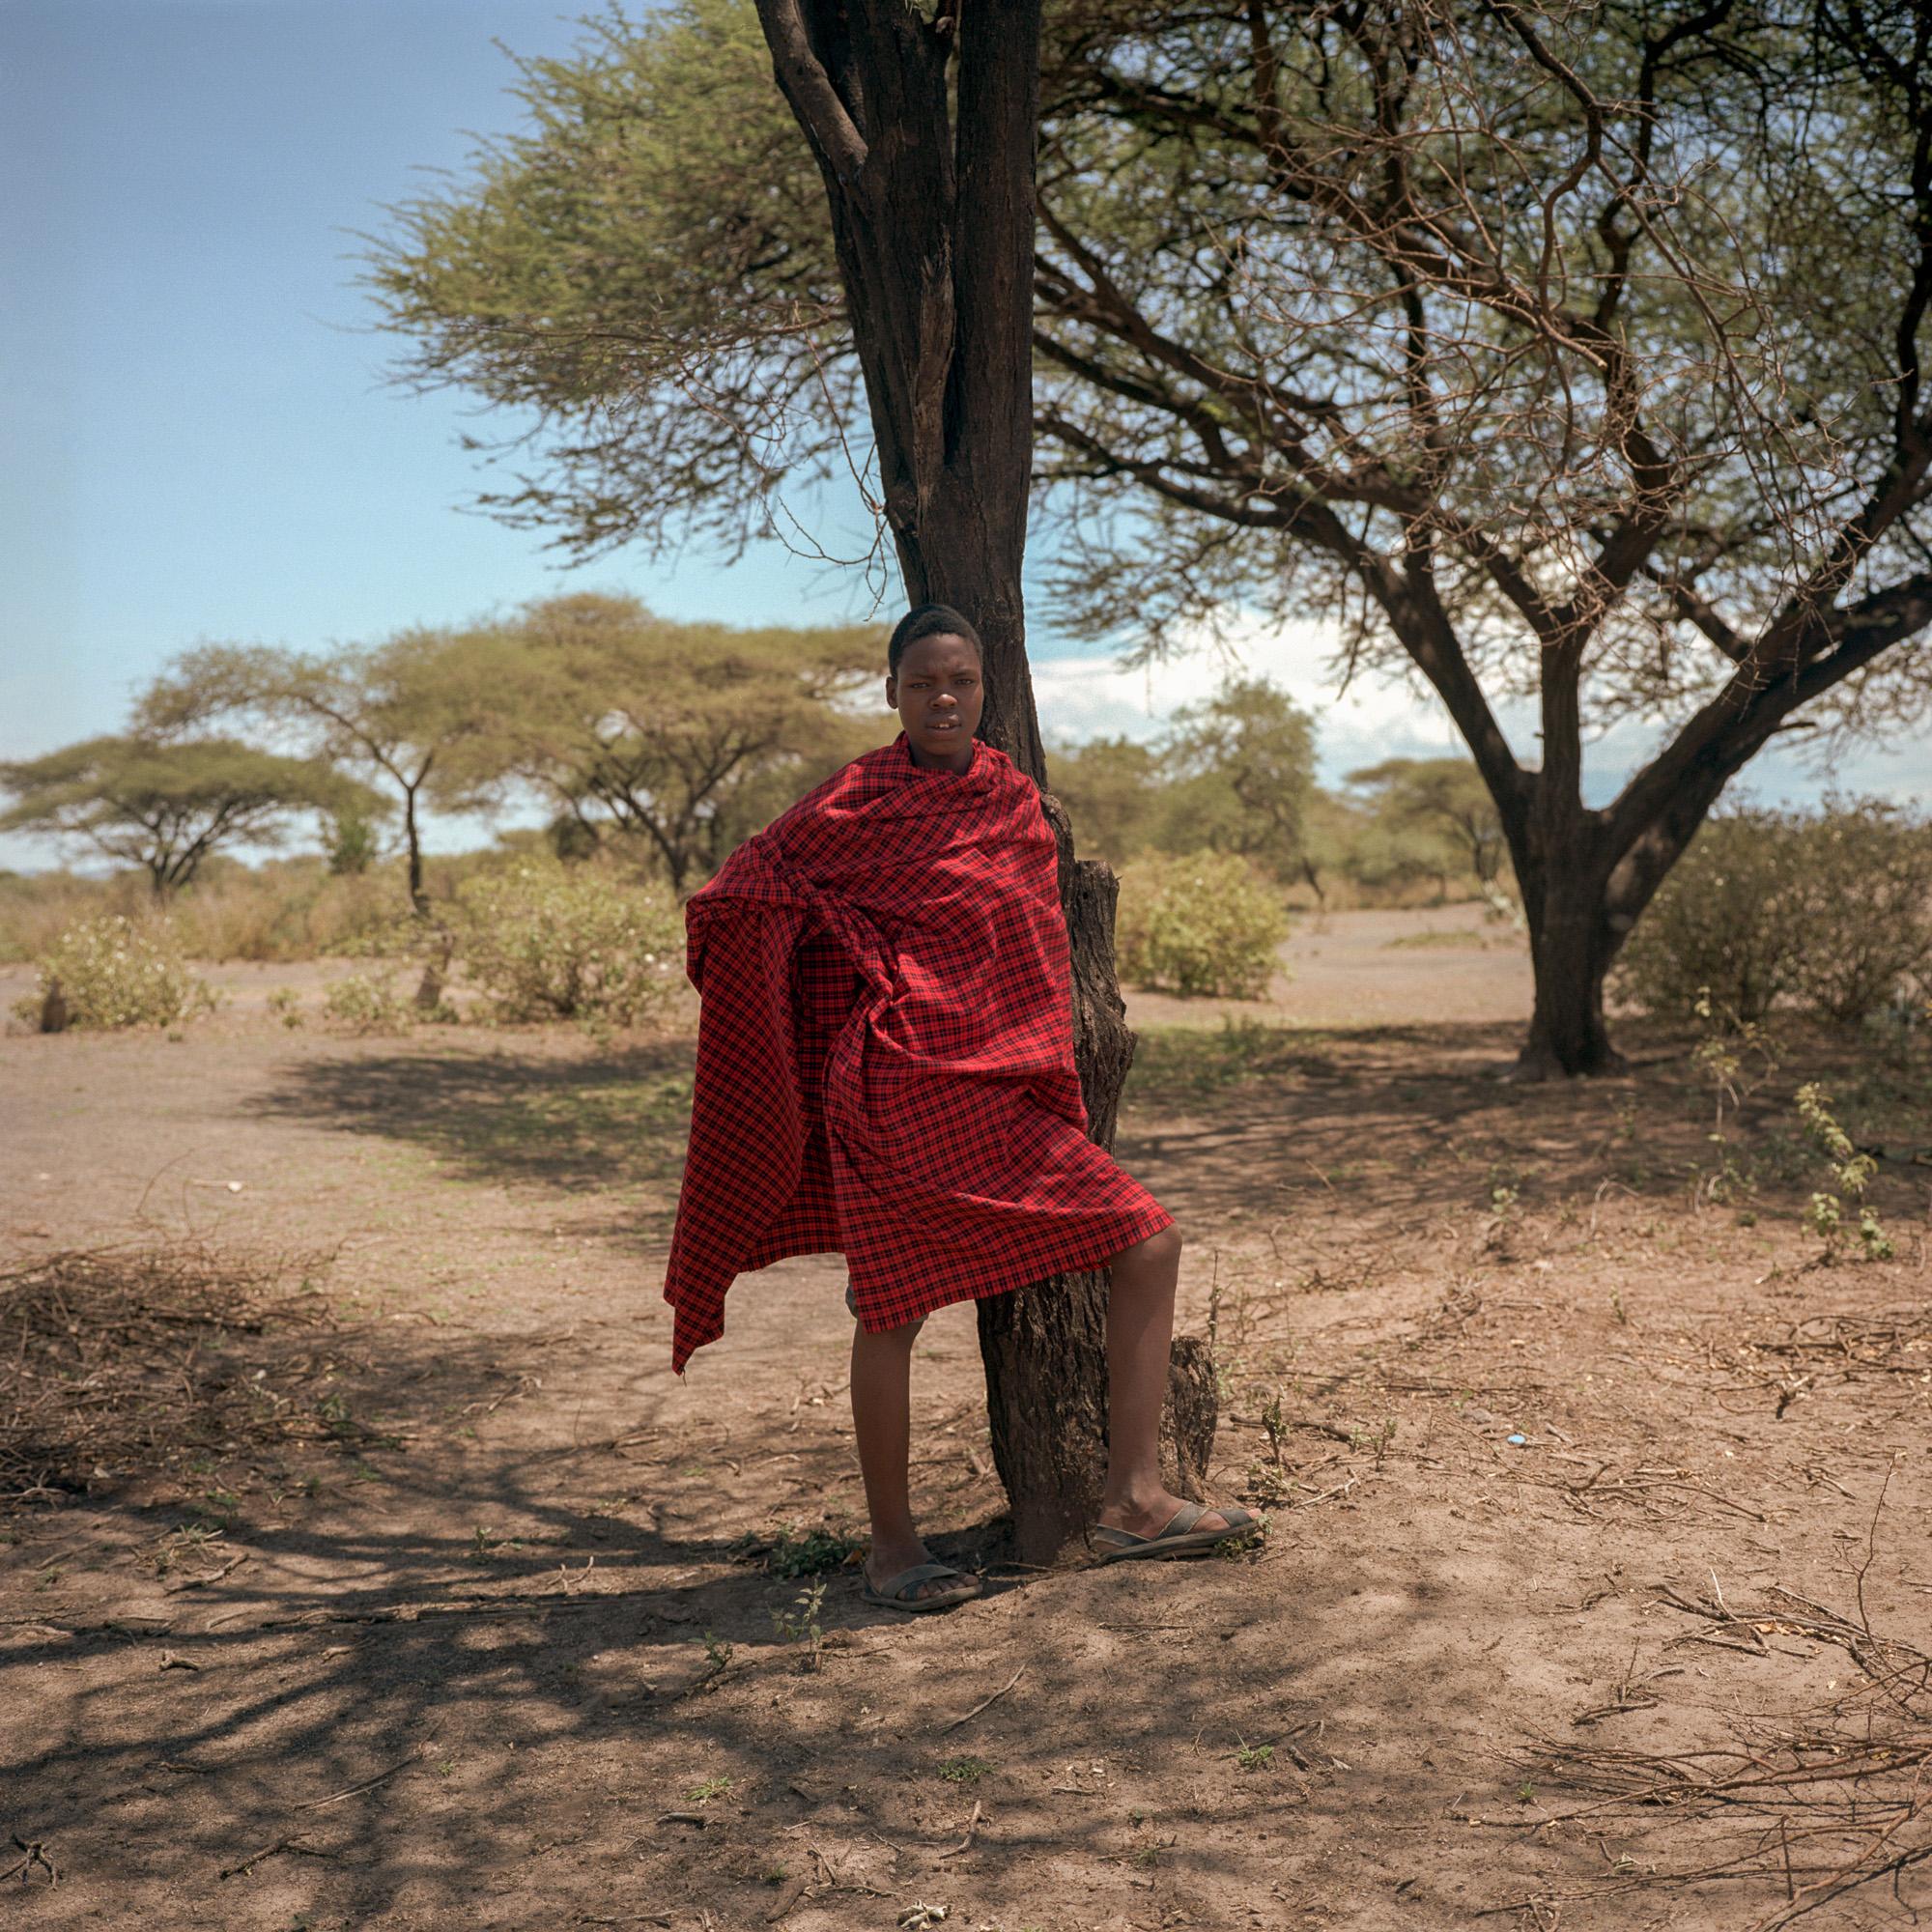 Batoga tribe member